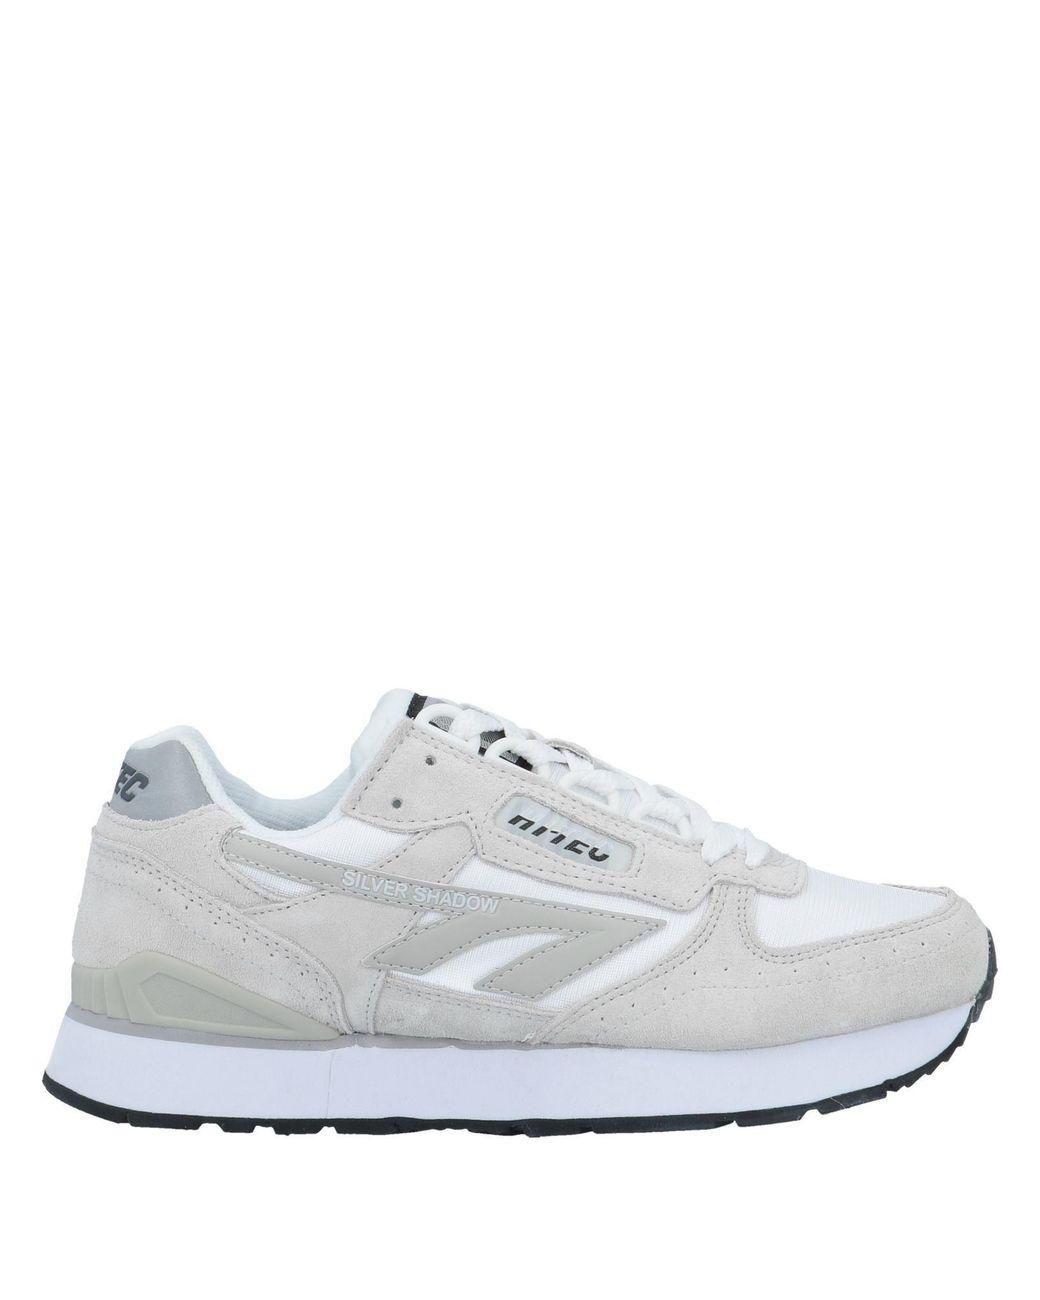 For Sneakers Tec Topsamp; Lyst Low Hi In White Men A4Rj5L